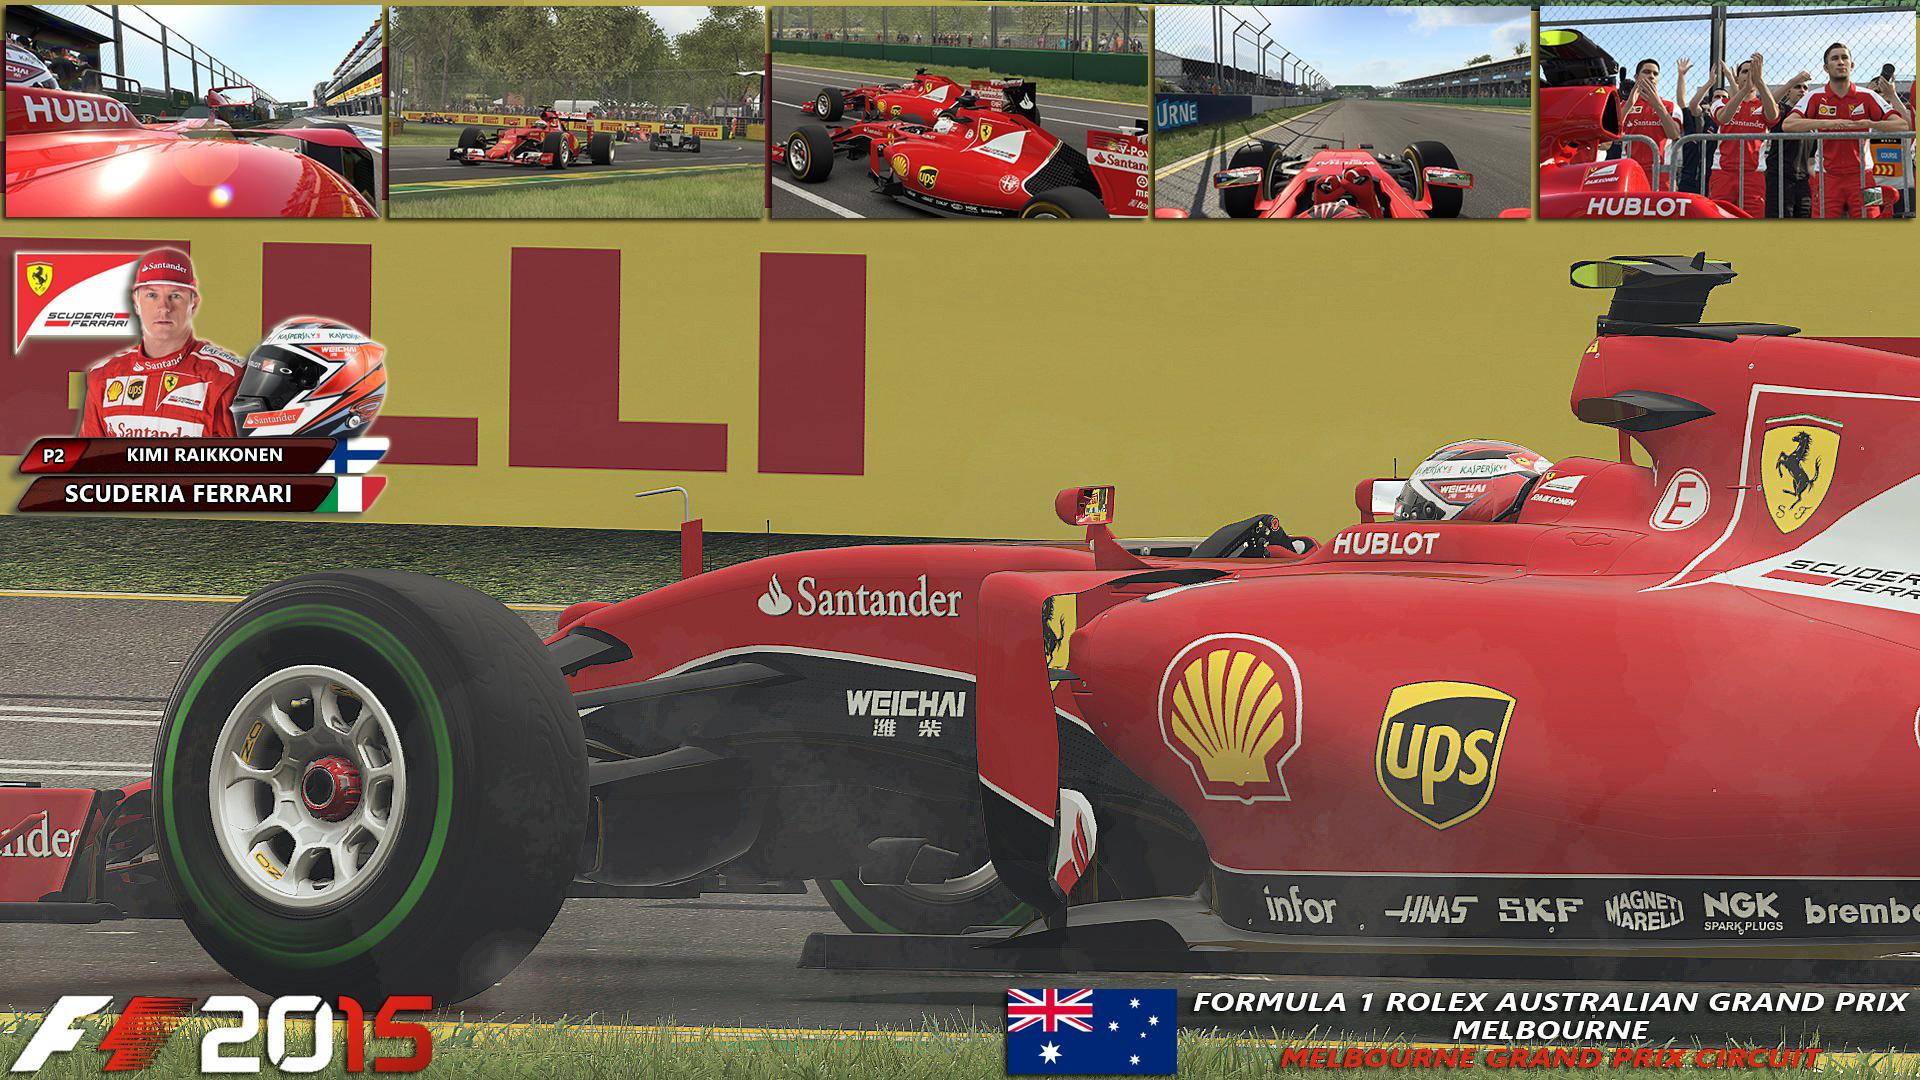 Scuderia Ferrari - Melbourne - Kimi Raikkonen